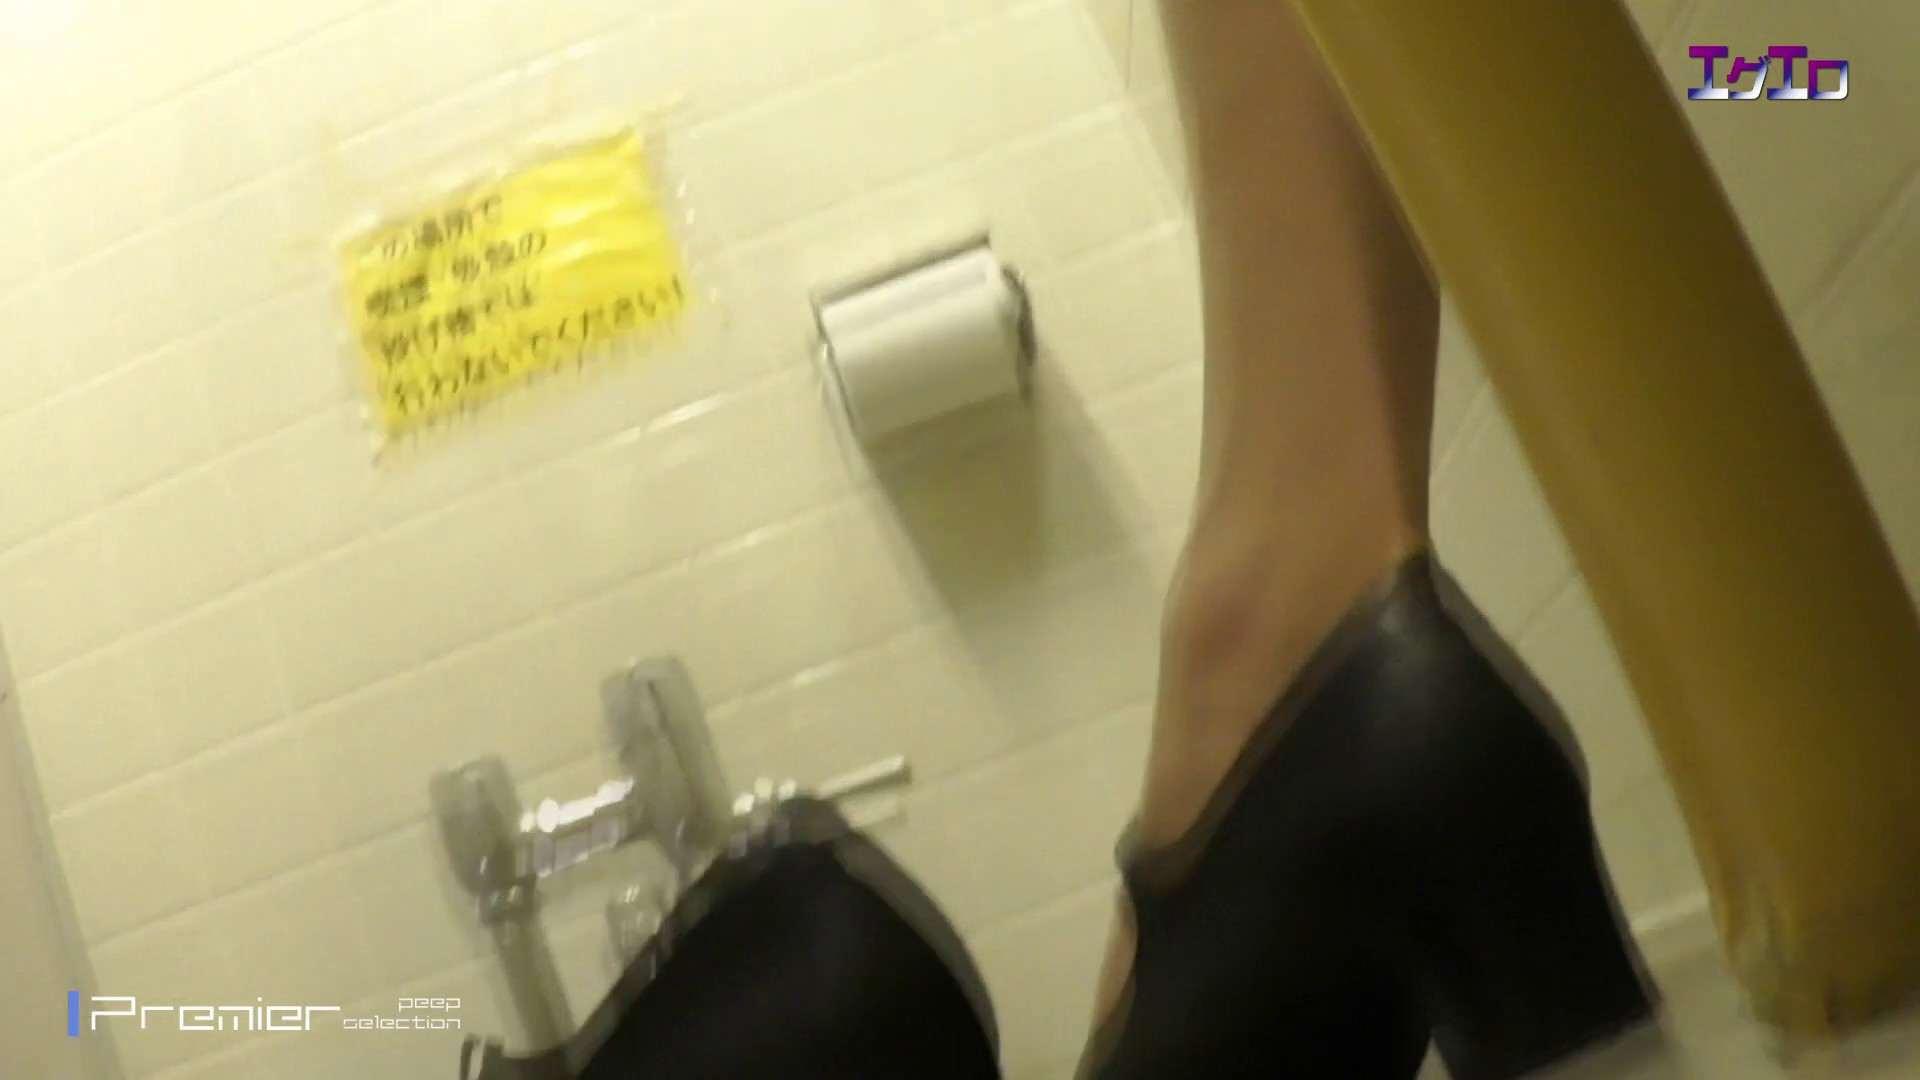 執念の撮影&追撮!!某女子校の通学路にあるトイレ 至近距離洗面所 Vol.16 OLのボディ | 洗面所  66PIX 49